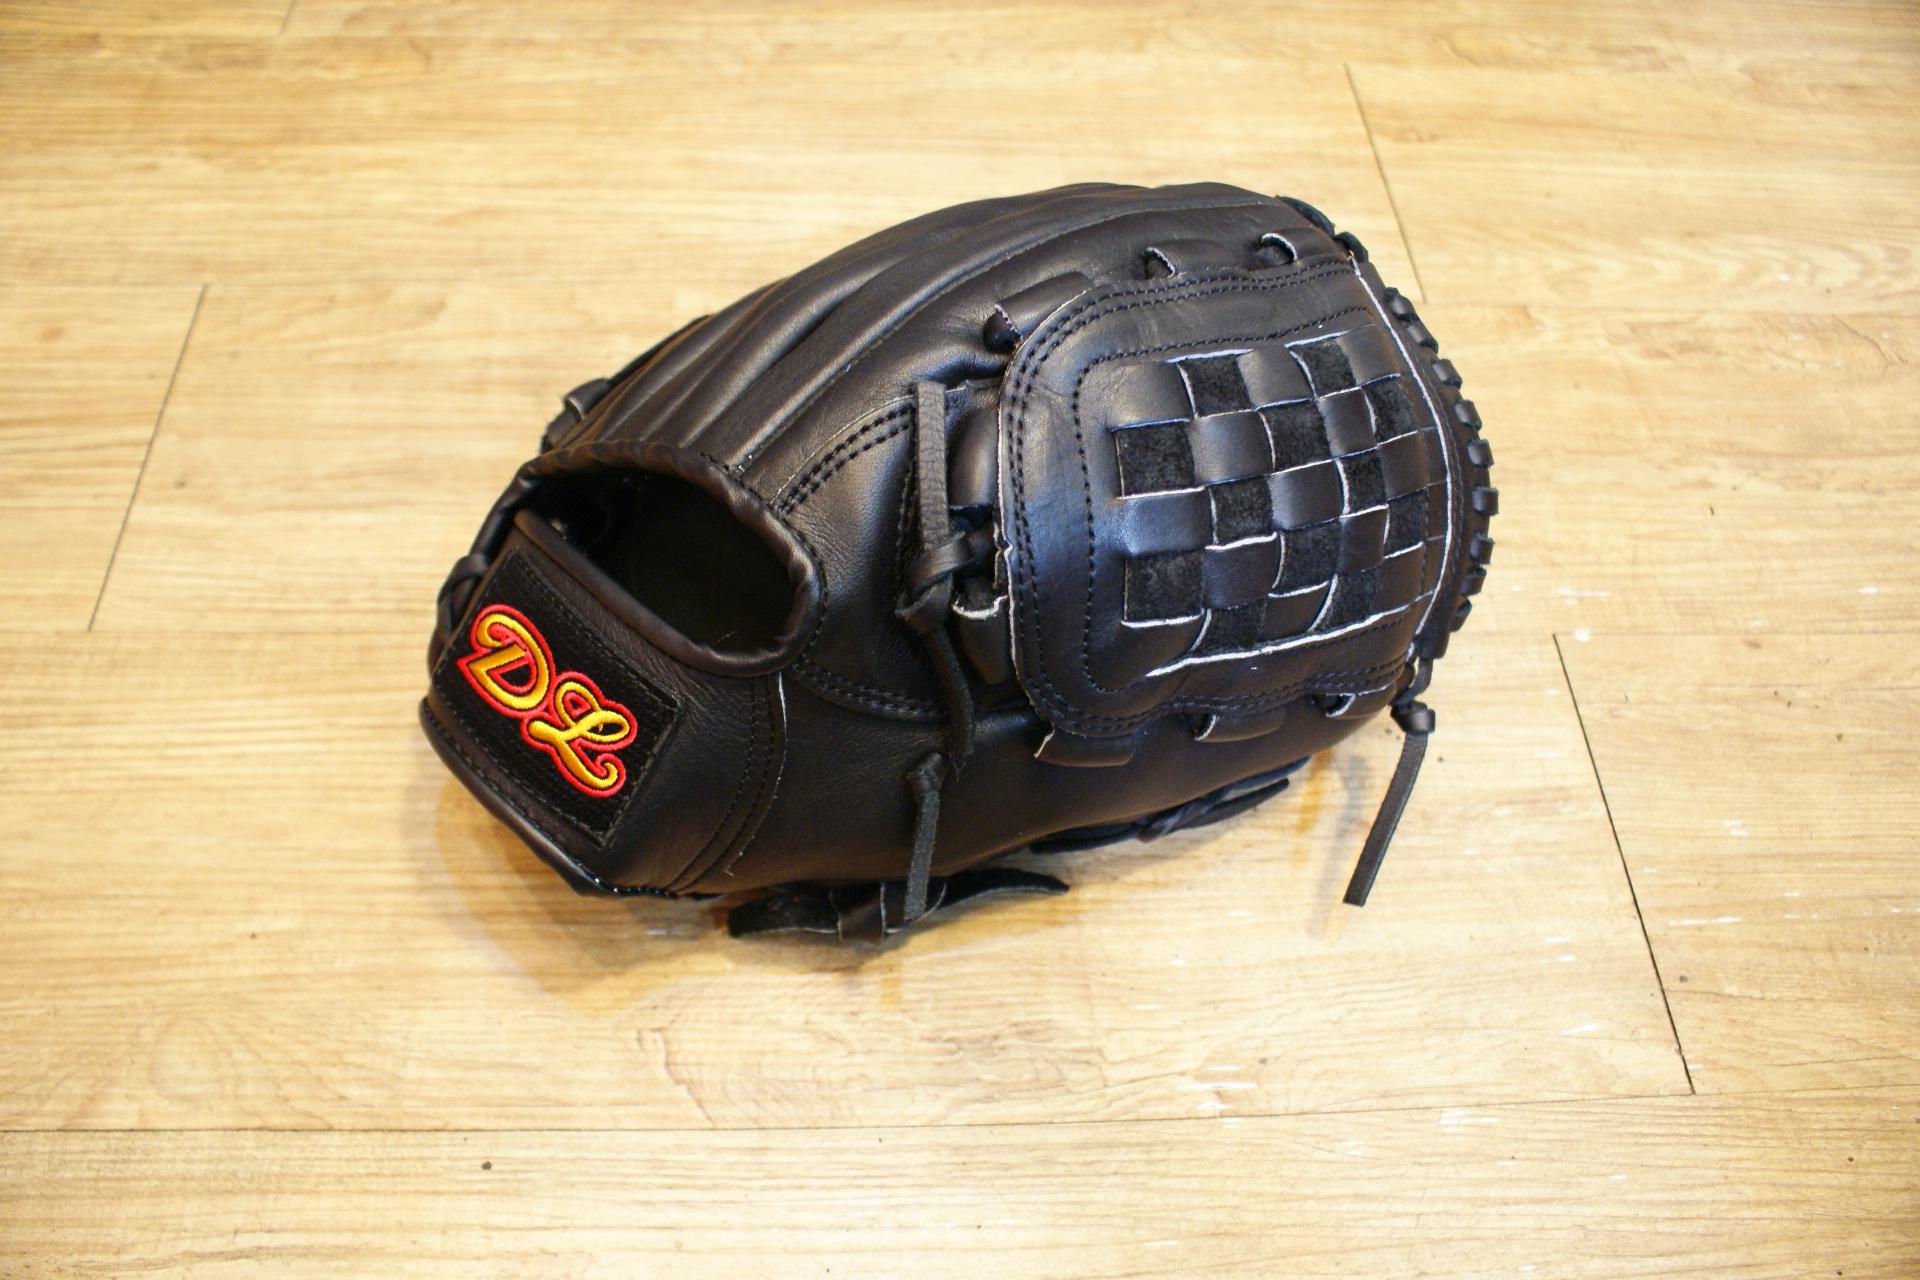 〈棒球世界〉全新DL166 棒壘球手套 最平價的真皮手套 送手套袋